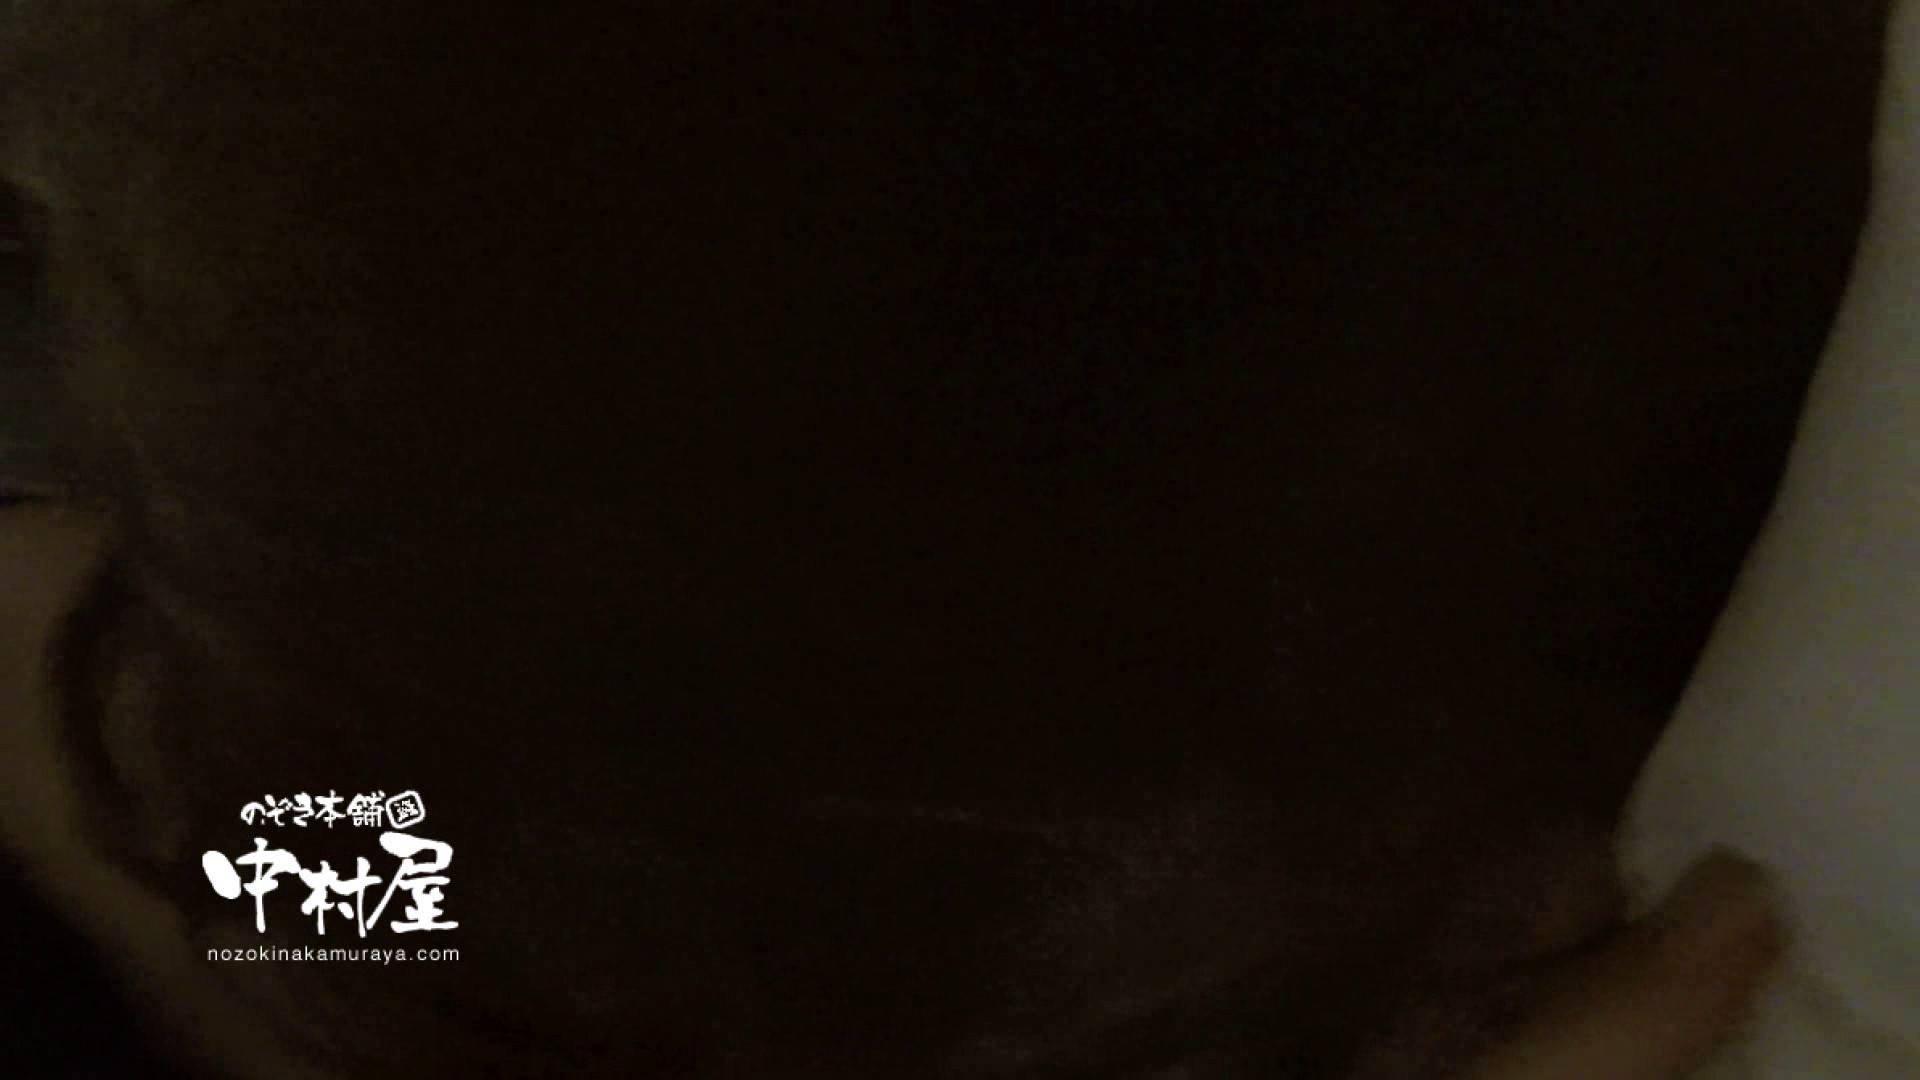 鬼畜 vol.08 極悪!妊娠覚悟の中出し! 後編 エロティックなOL SEX無修正画像 66画像 58